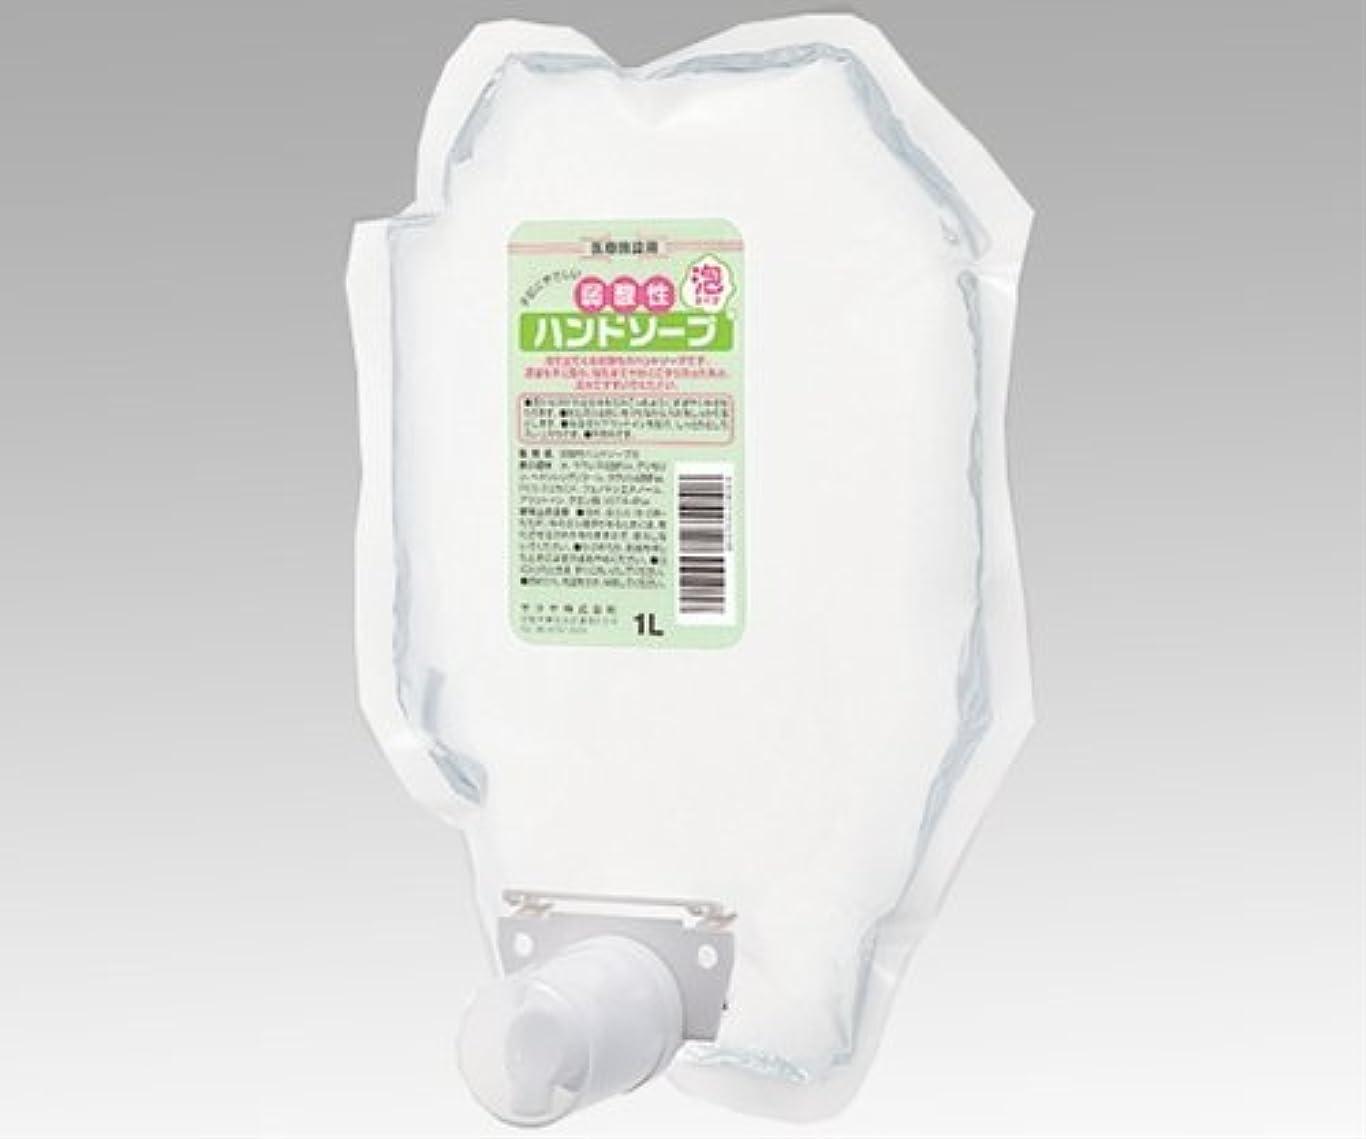 熟達割るバルコニーサラヤ 弱酸性ハンドソープ 泡タイプ / 0-8762-07